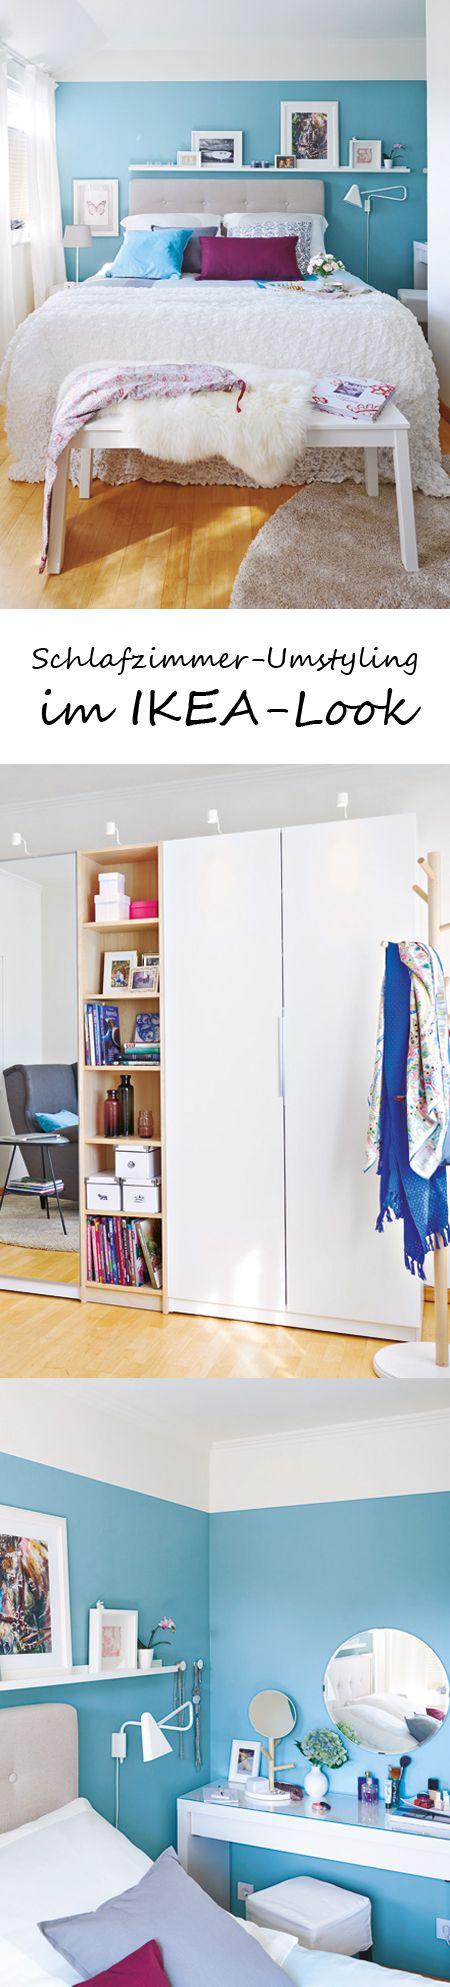 schlafzimmer umstylingt mit wohnidee und ikea ikea. Black Bedroom Furniture Sets. Home Design Ideas